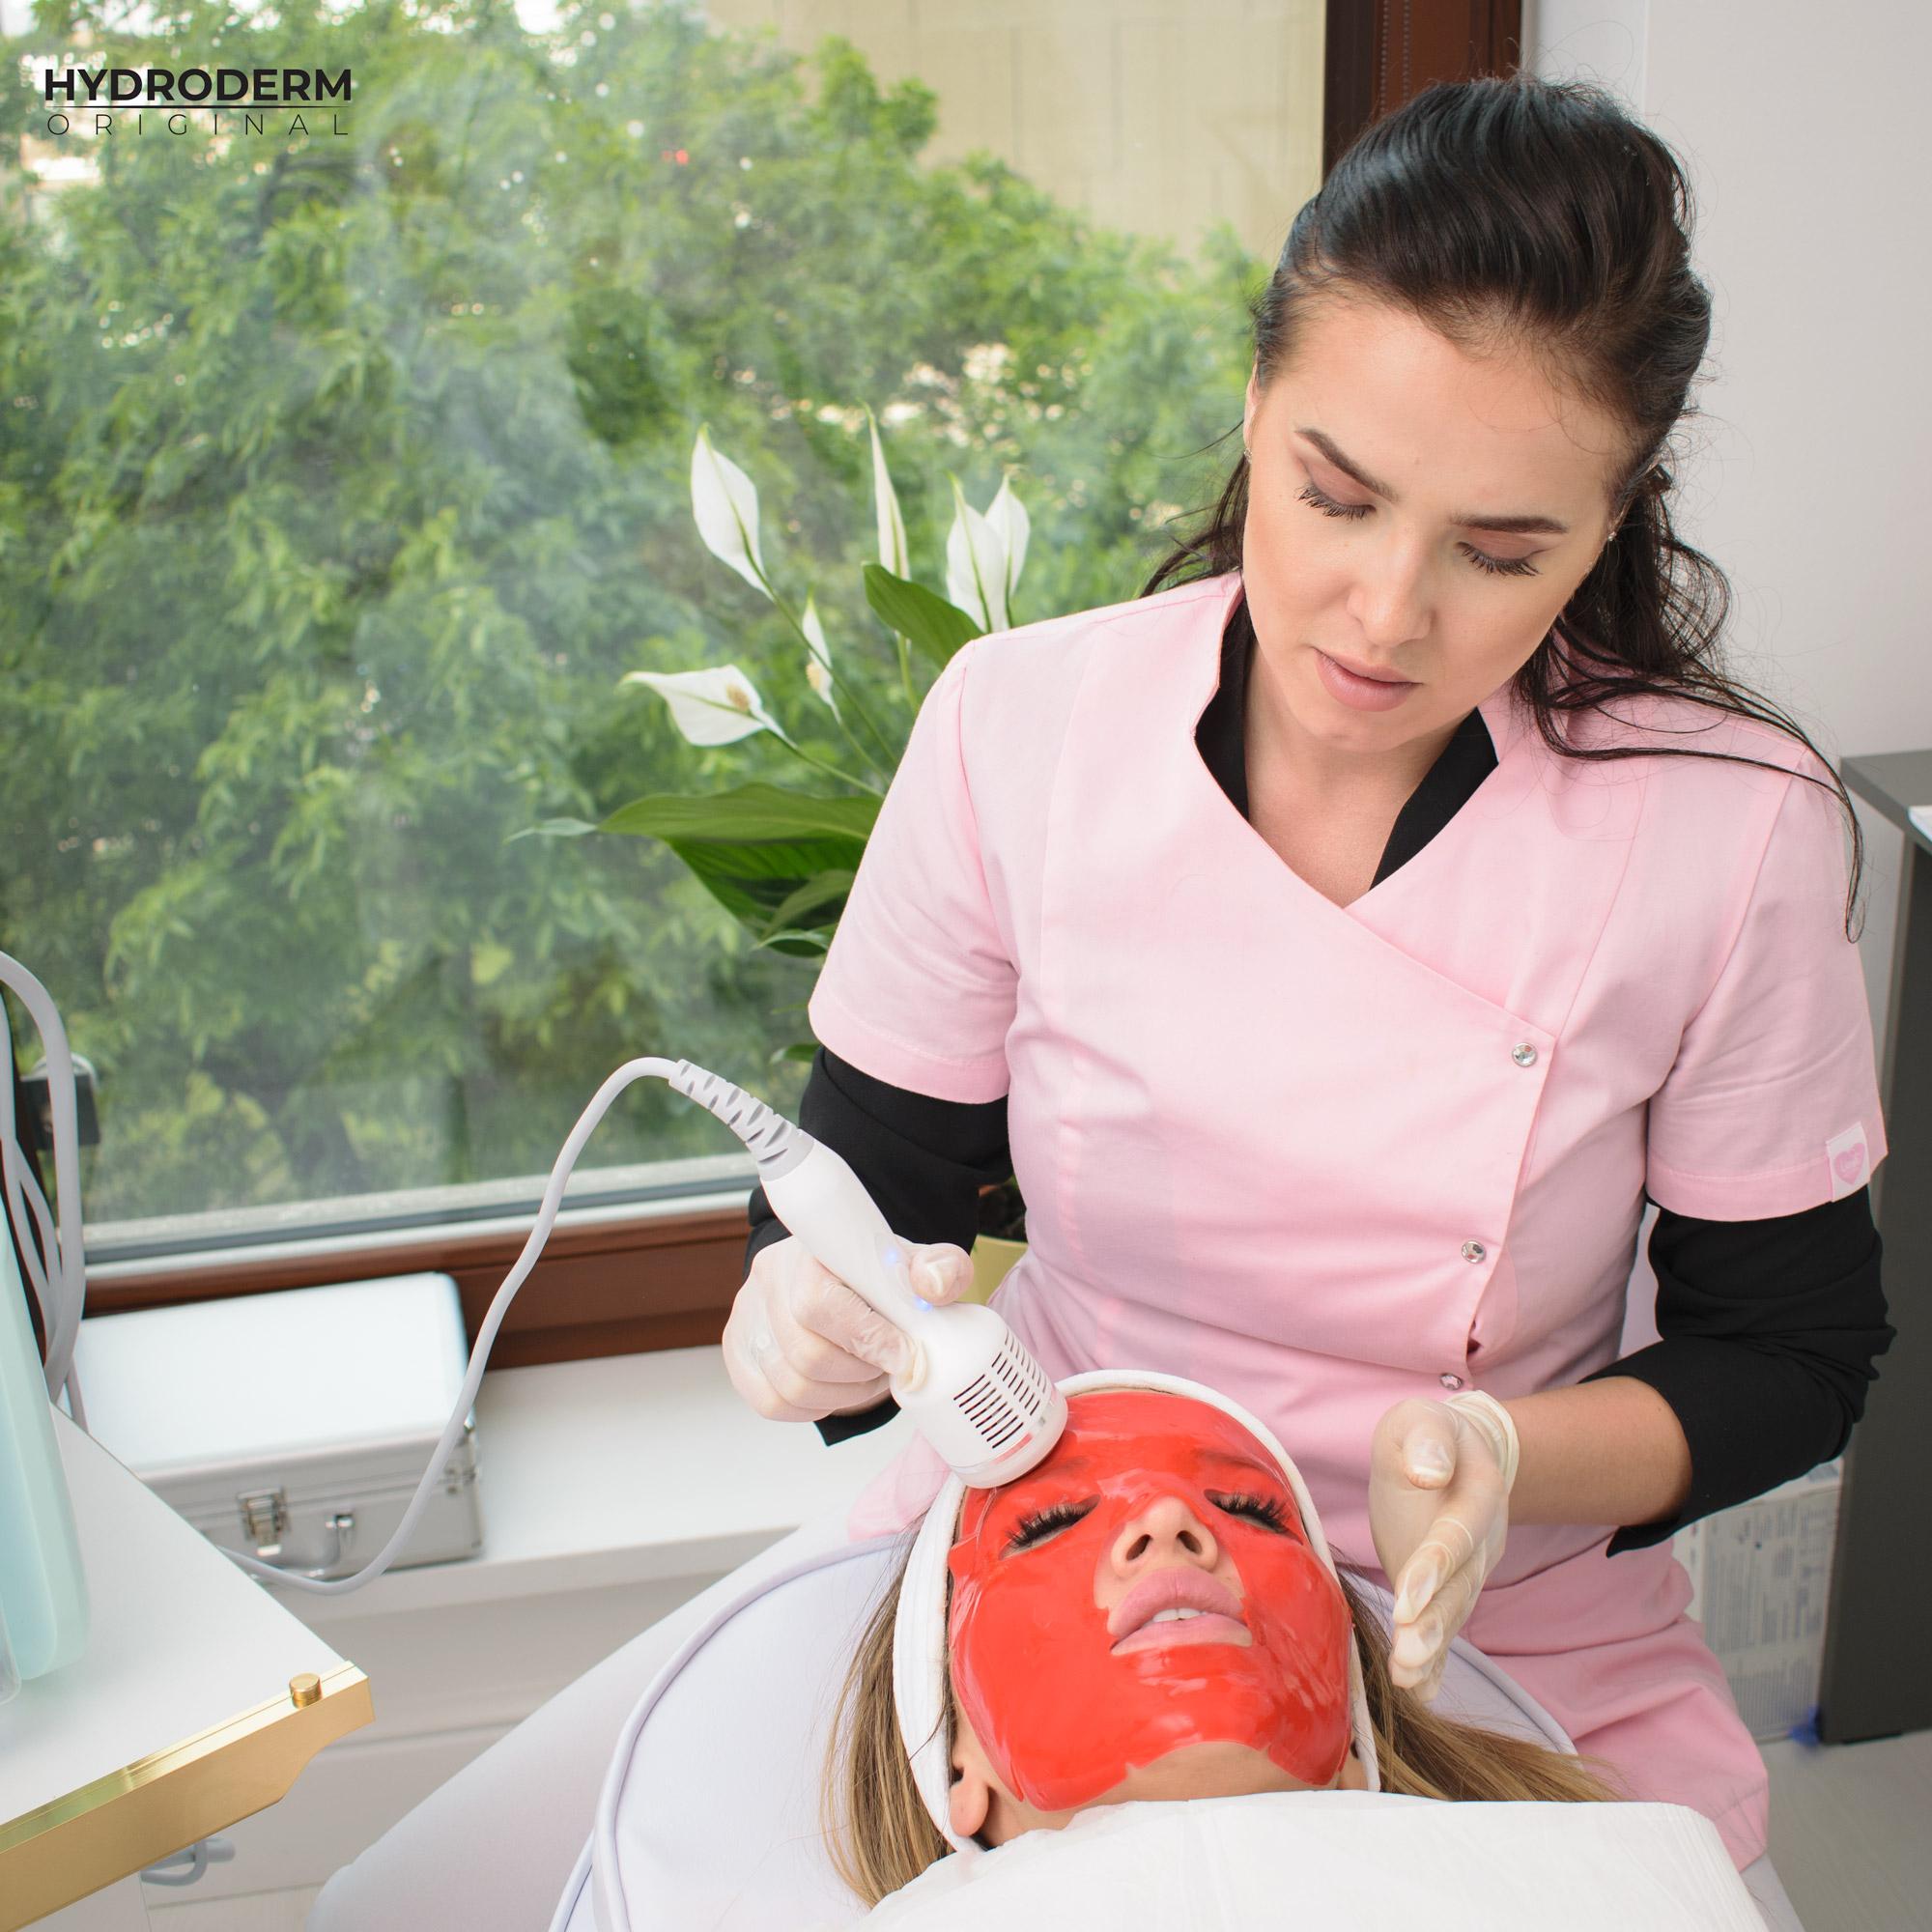 Krioterapia to jeden z ostatnich etapów oczyszczania wodorem skóry na twarzy